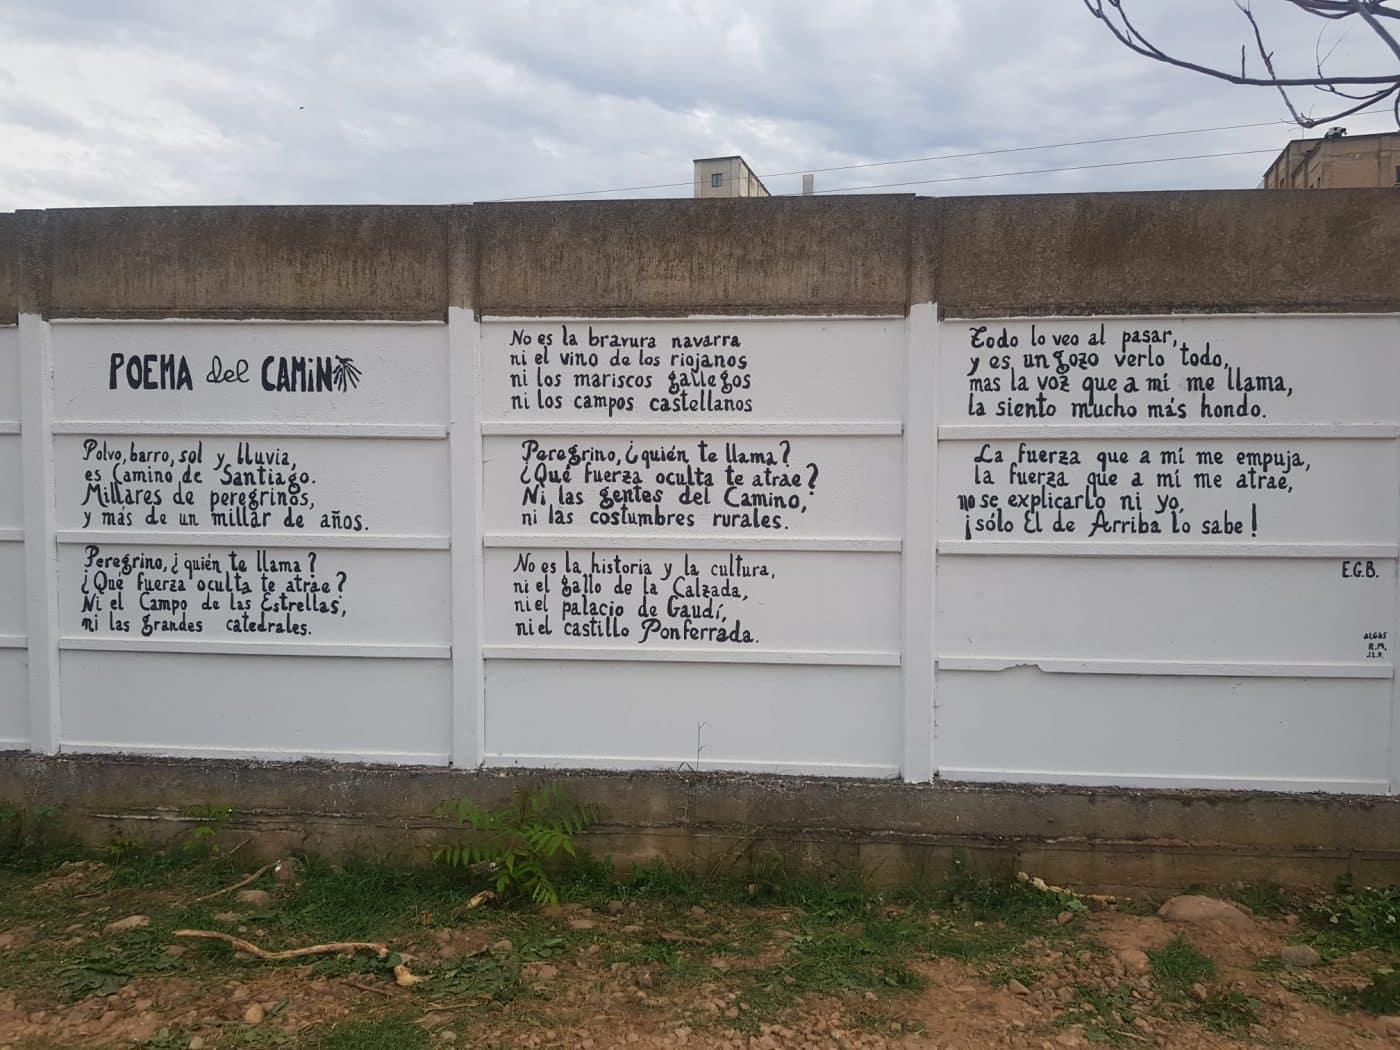 Poema del Camino